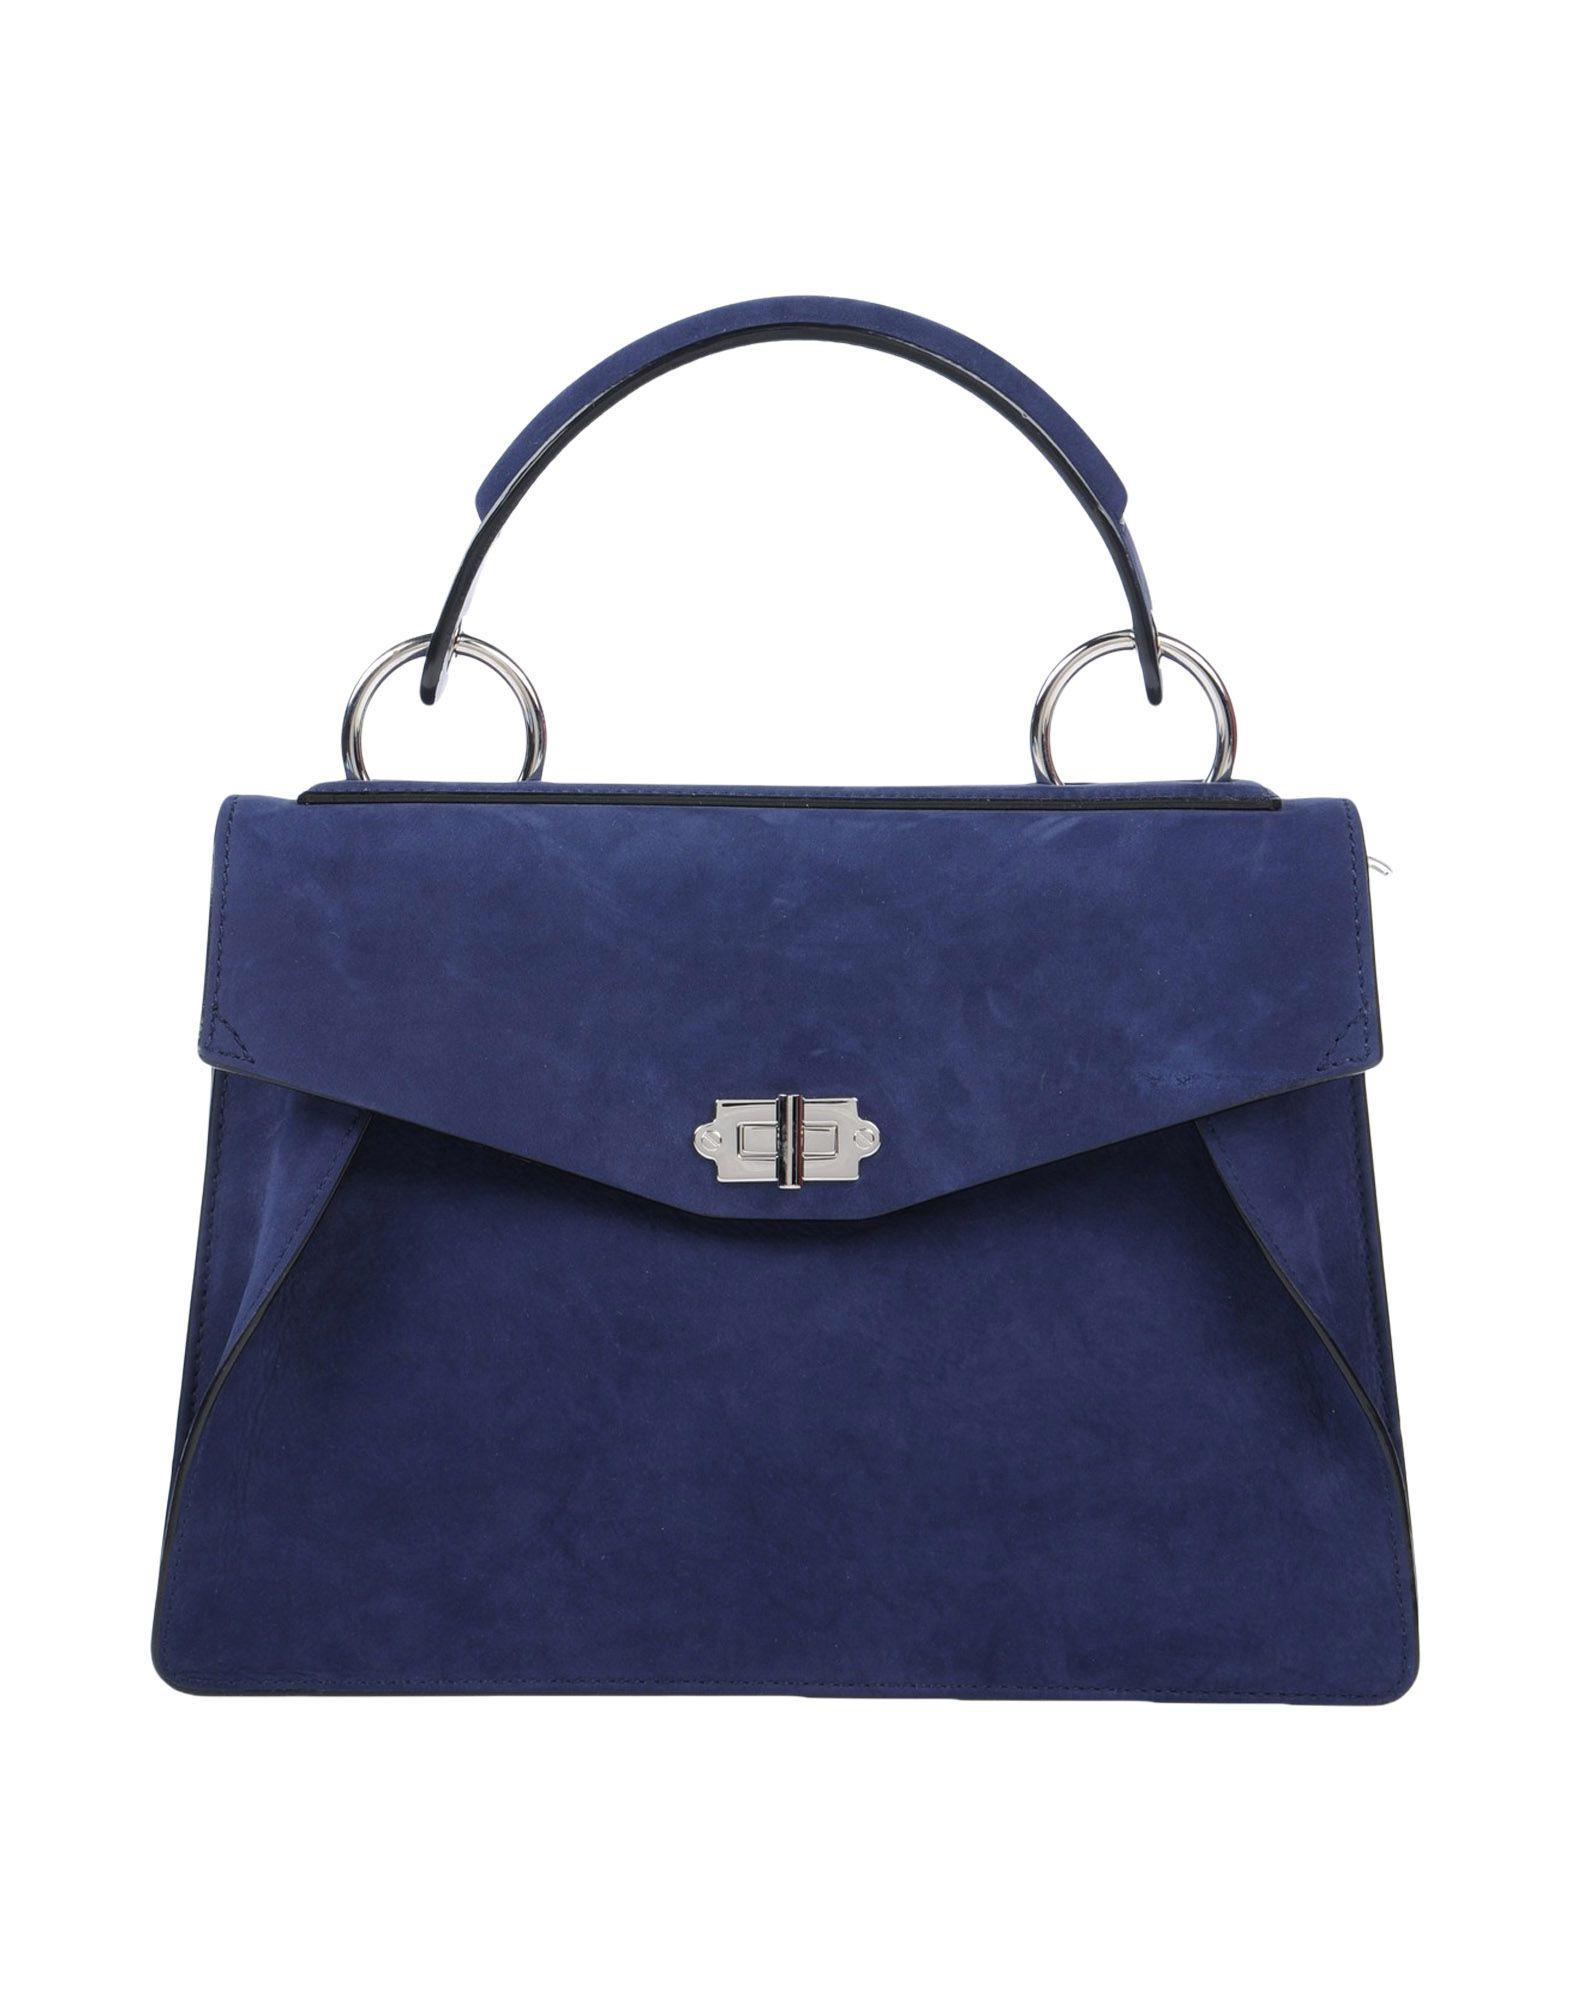 Proenza Schouler Handbag In Dark Blue